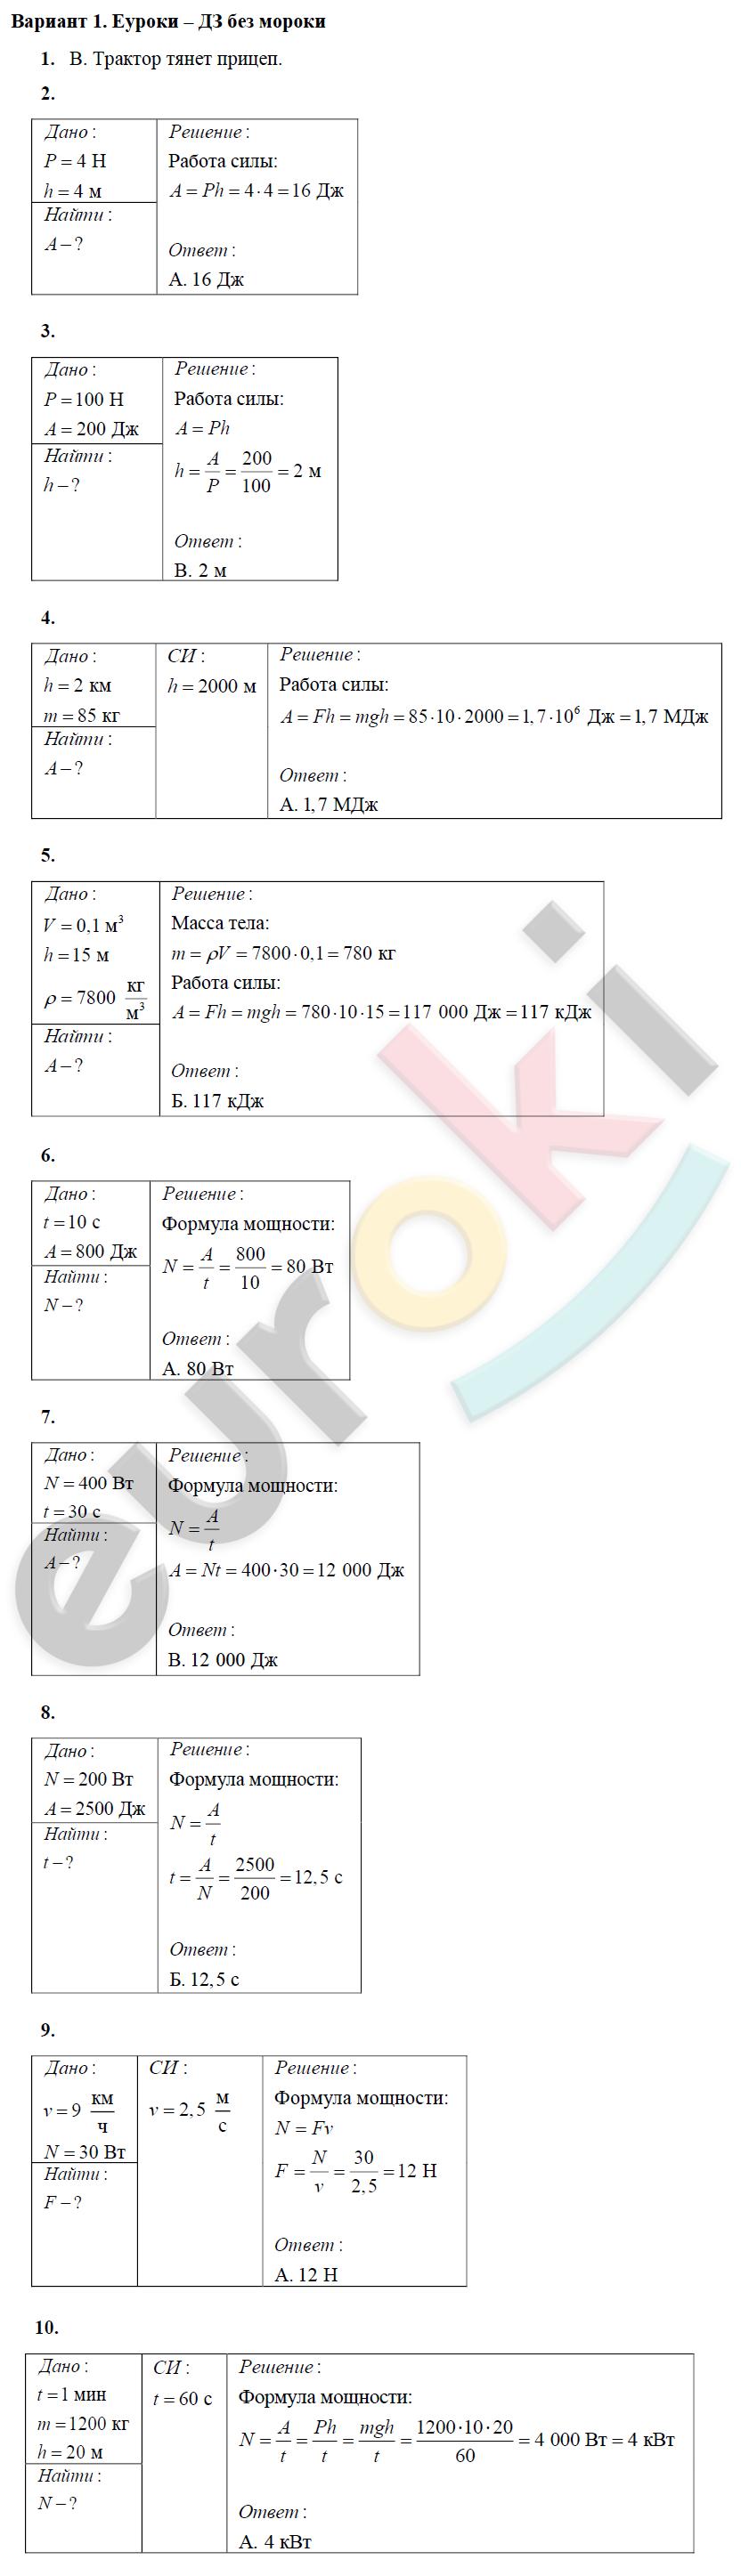 Задачи по физике 7 класс решебник работа и мощность